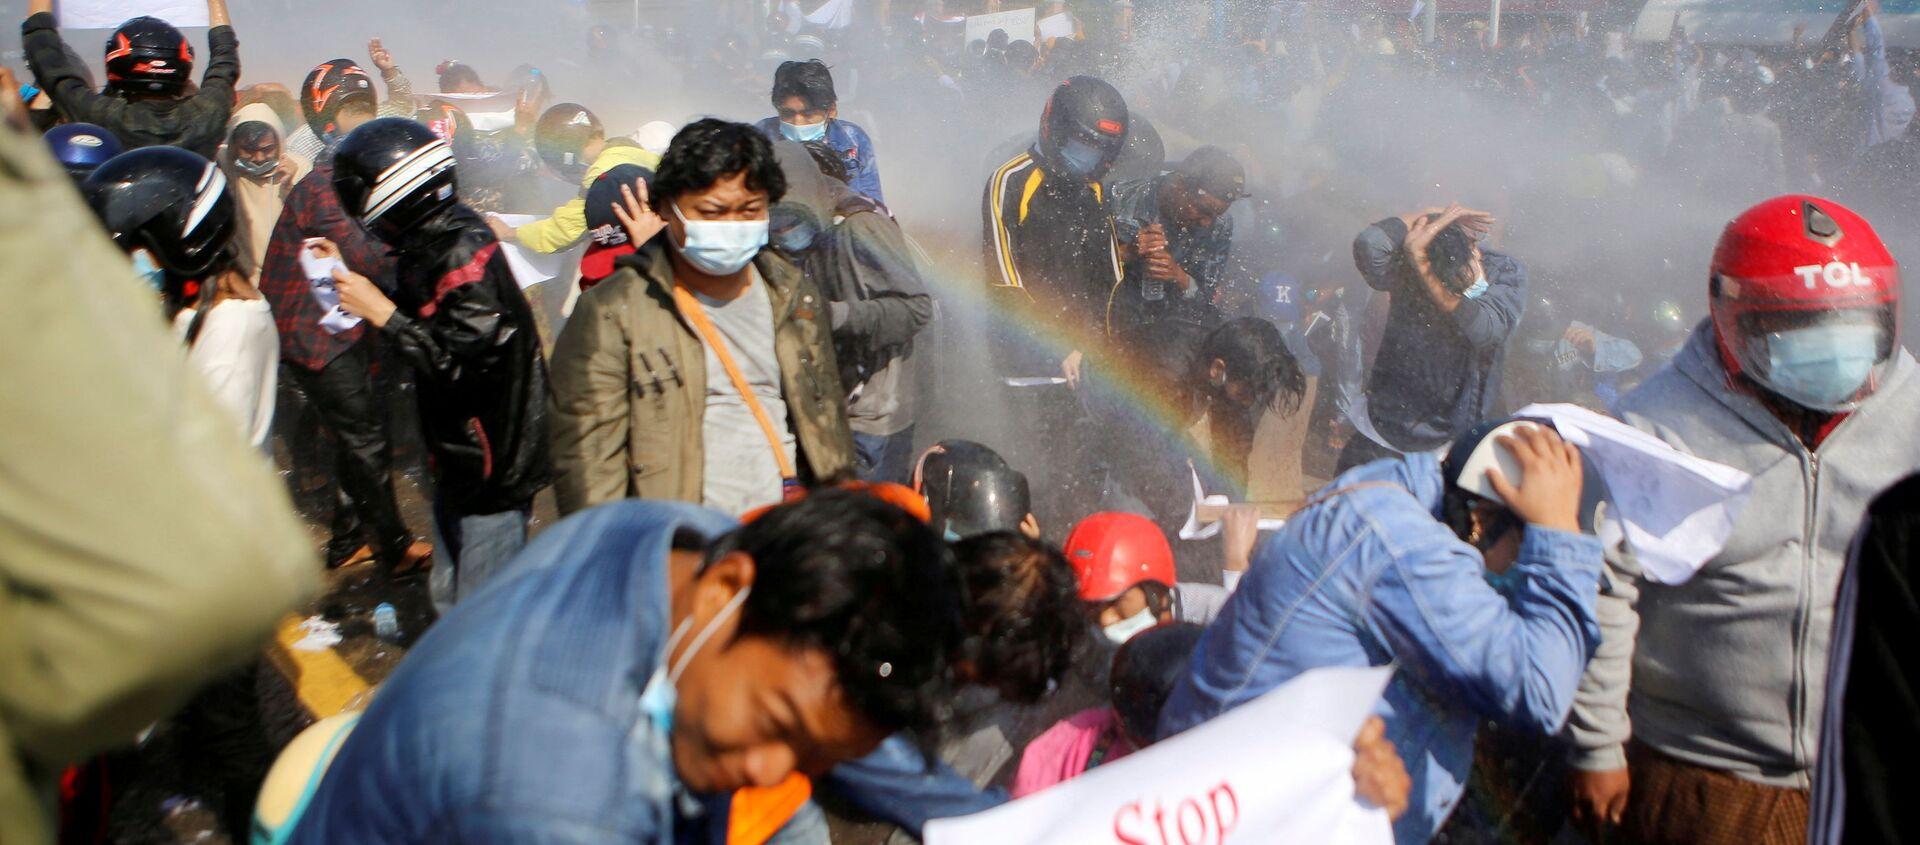 Cảnh sát bắn vòi rồng vào người biểu tình phản đối đảo chính quân sự ở Naypyidaw, Myanmar - Sputnik Việt Nam, 1920, 11.02.2021